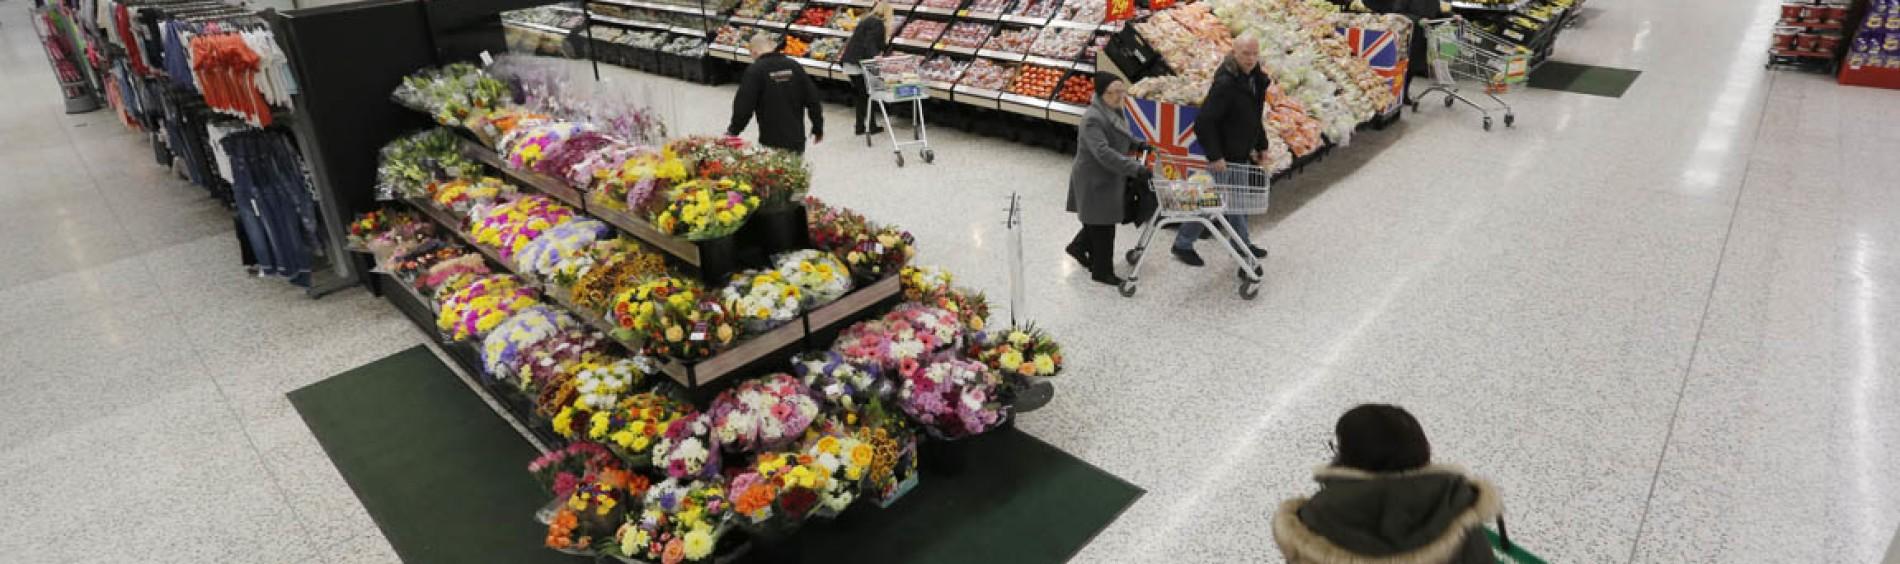 顾客他们的购物车在新鲜农产品和鲜花周围